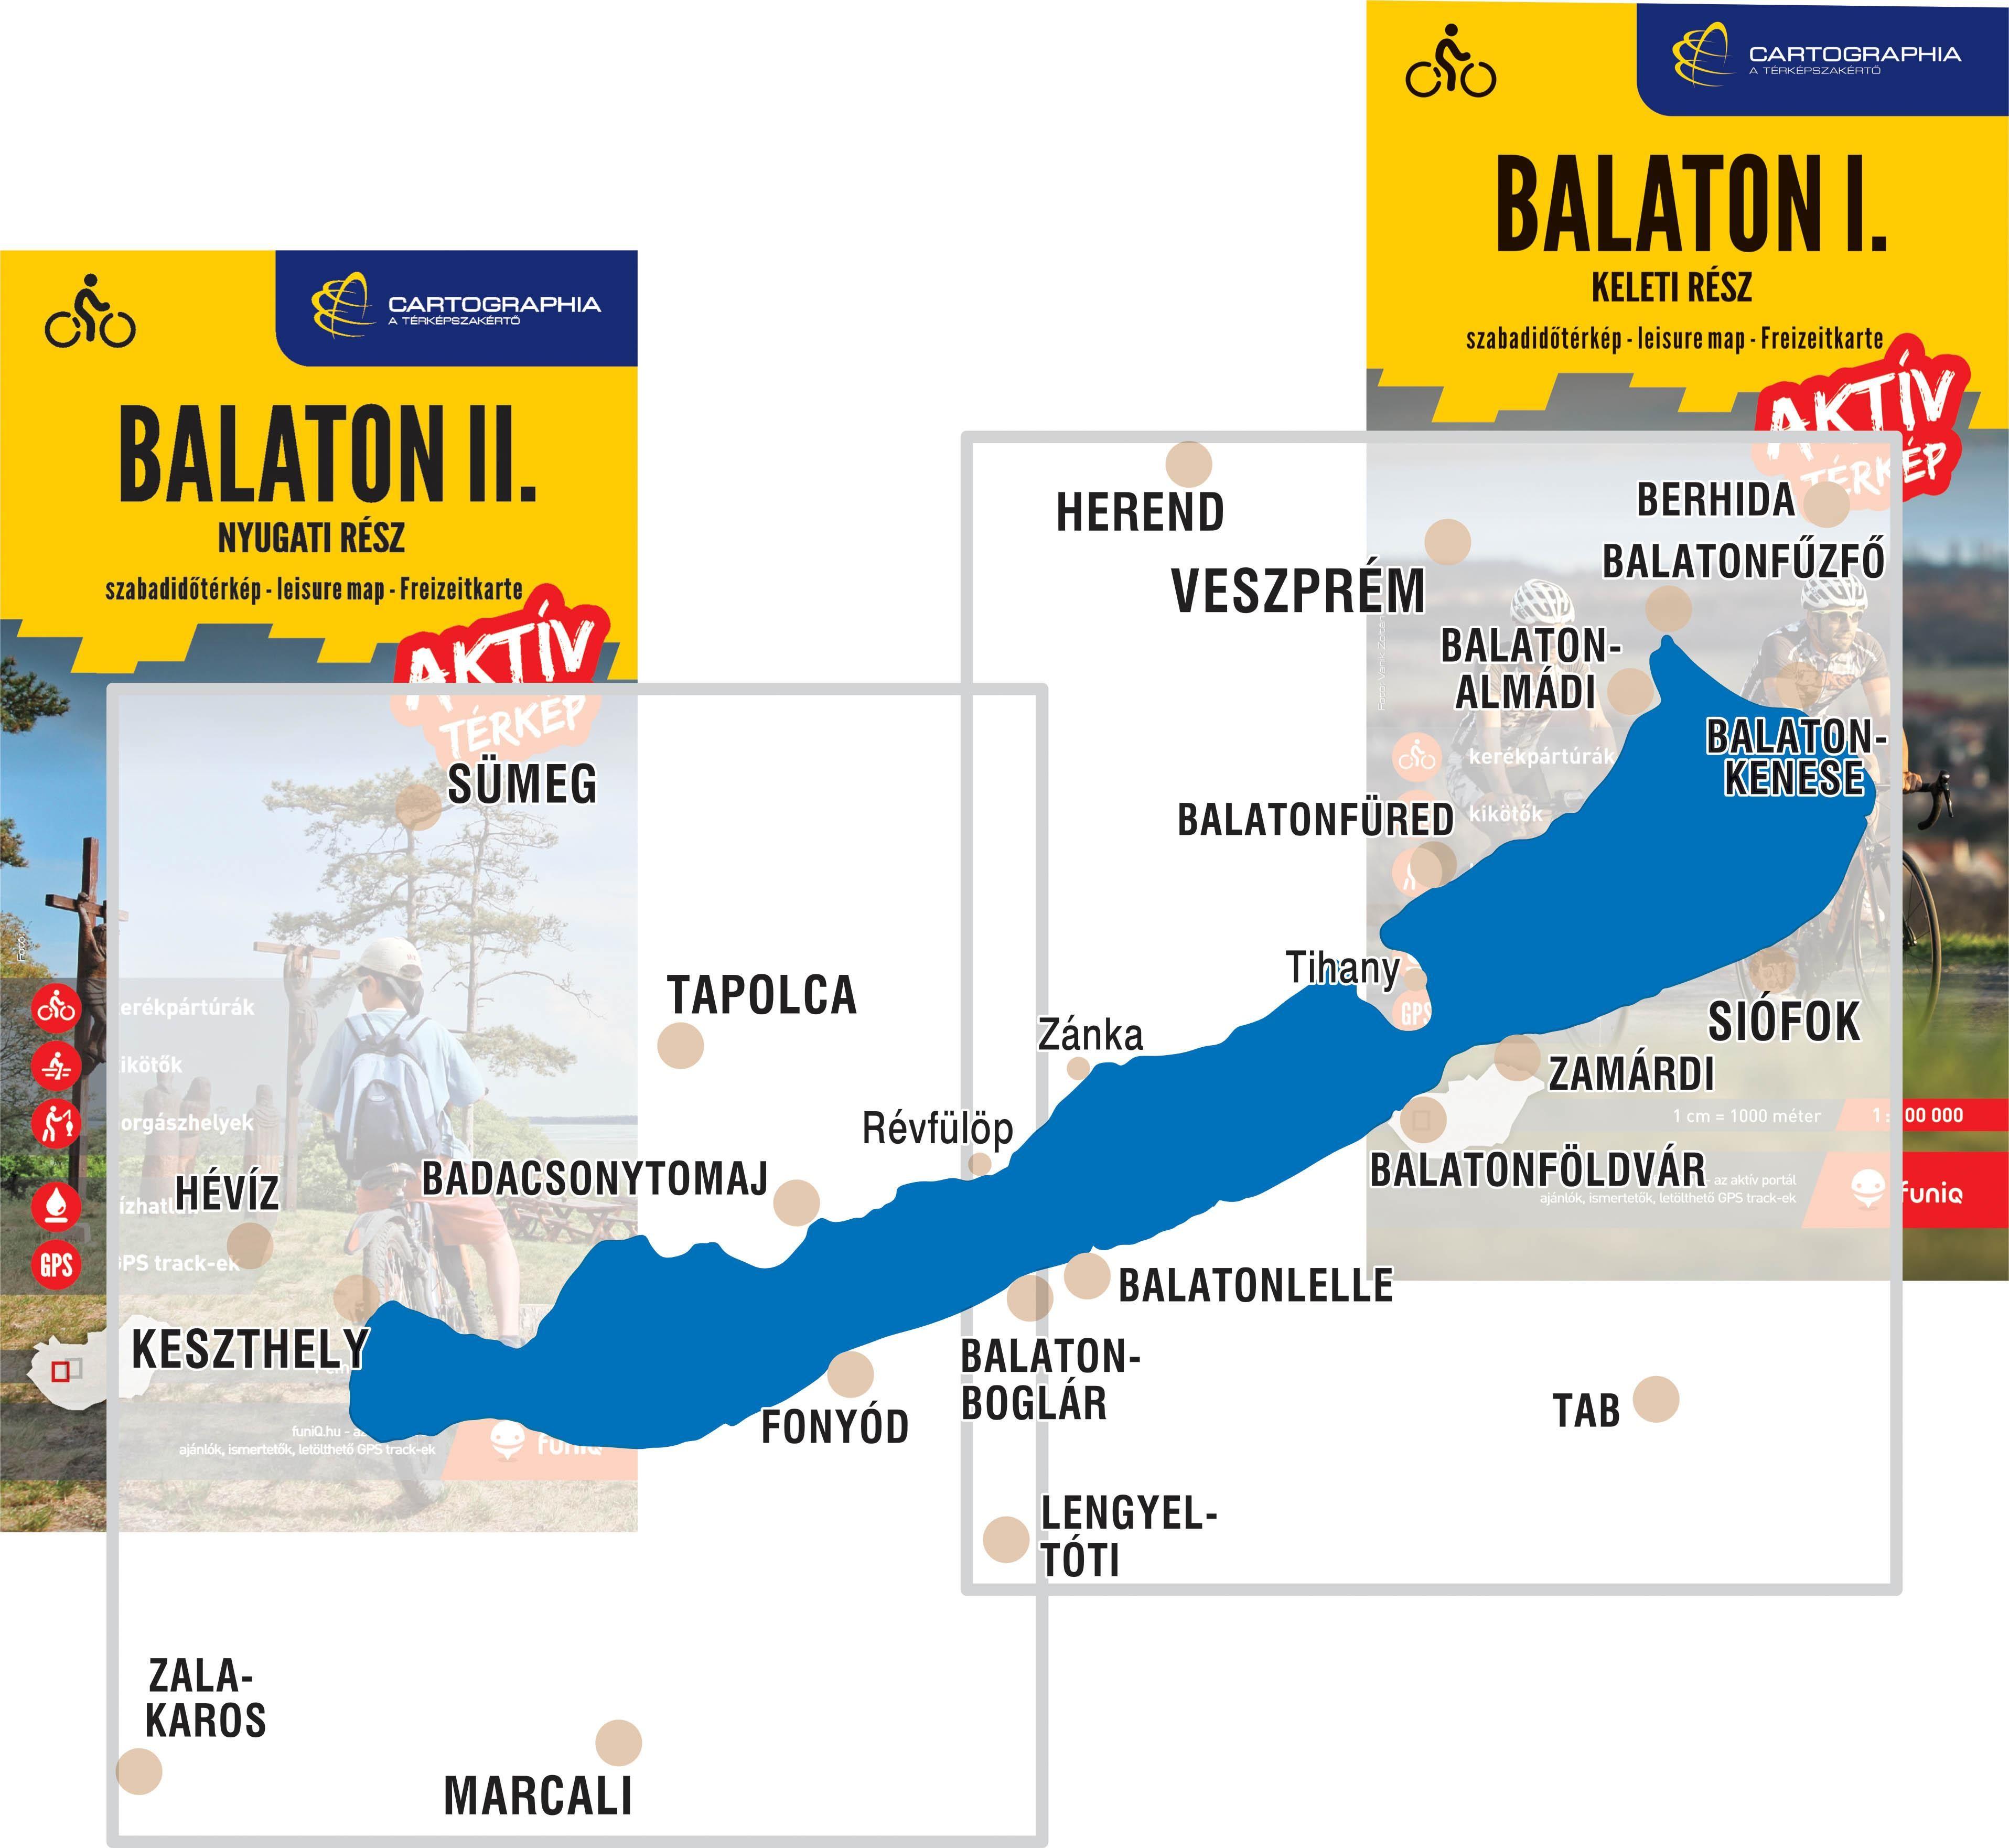 A Balaton aktív térképek által lefedett terület